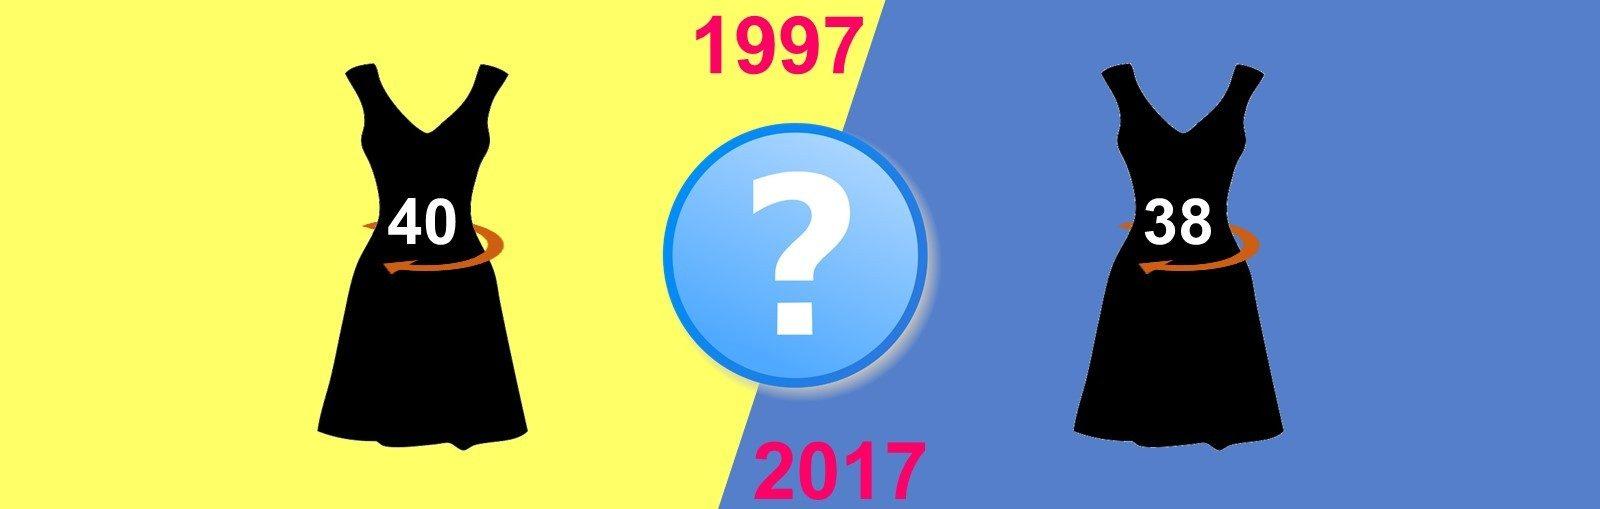 Vanity-sizing ou pourquoi votre taille varie d'un 38 à un 42 selon les marques 1997 - 2017